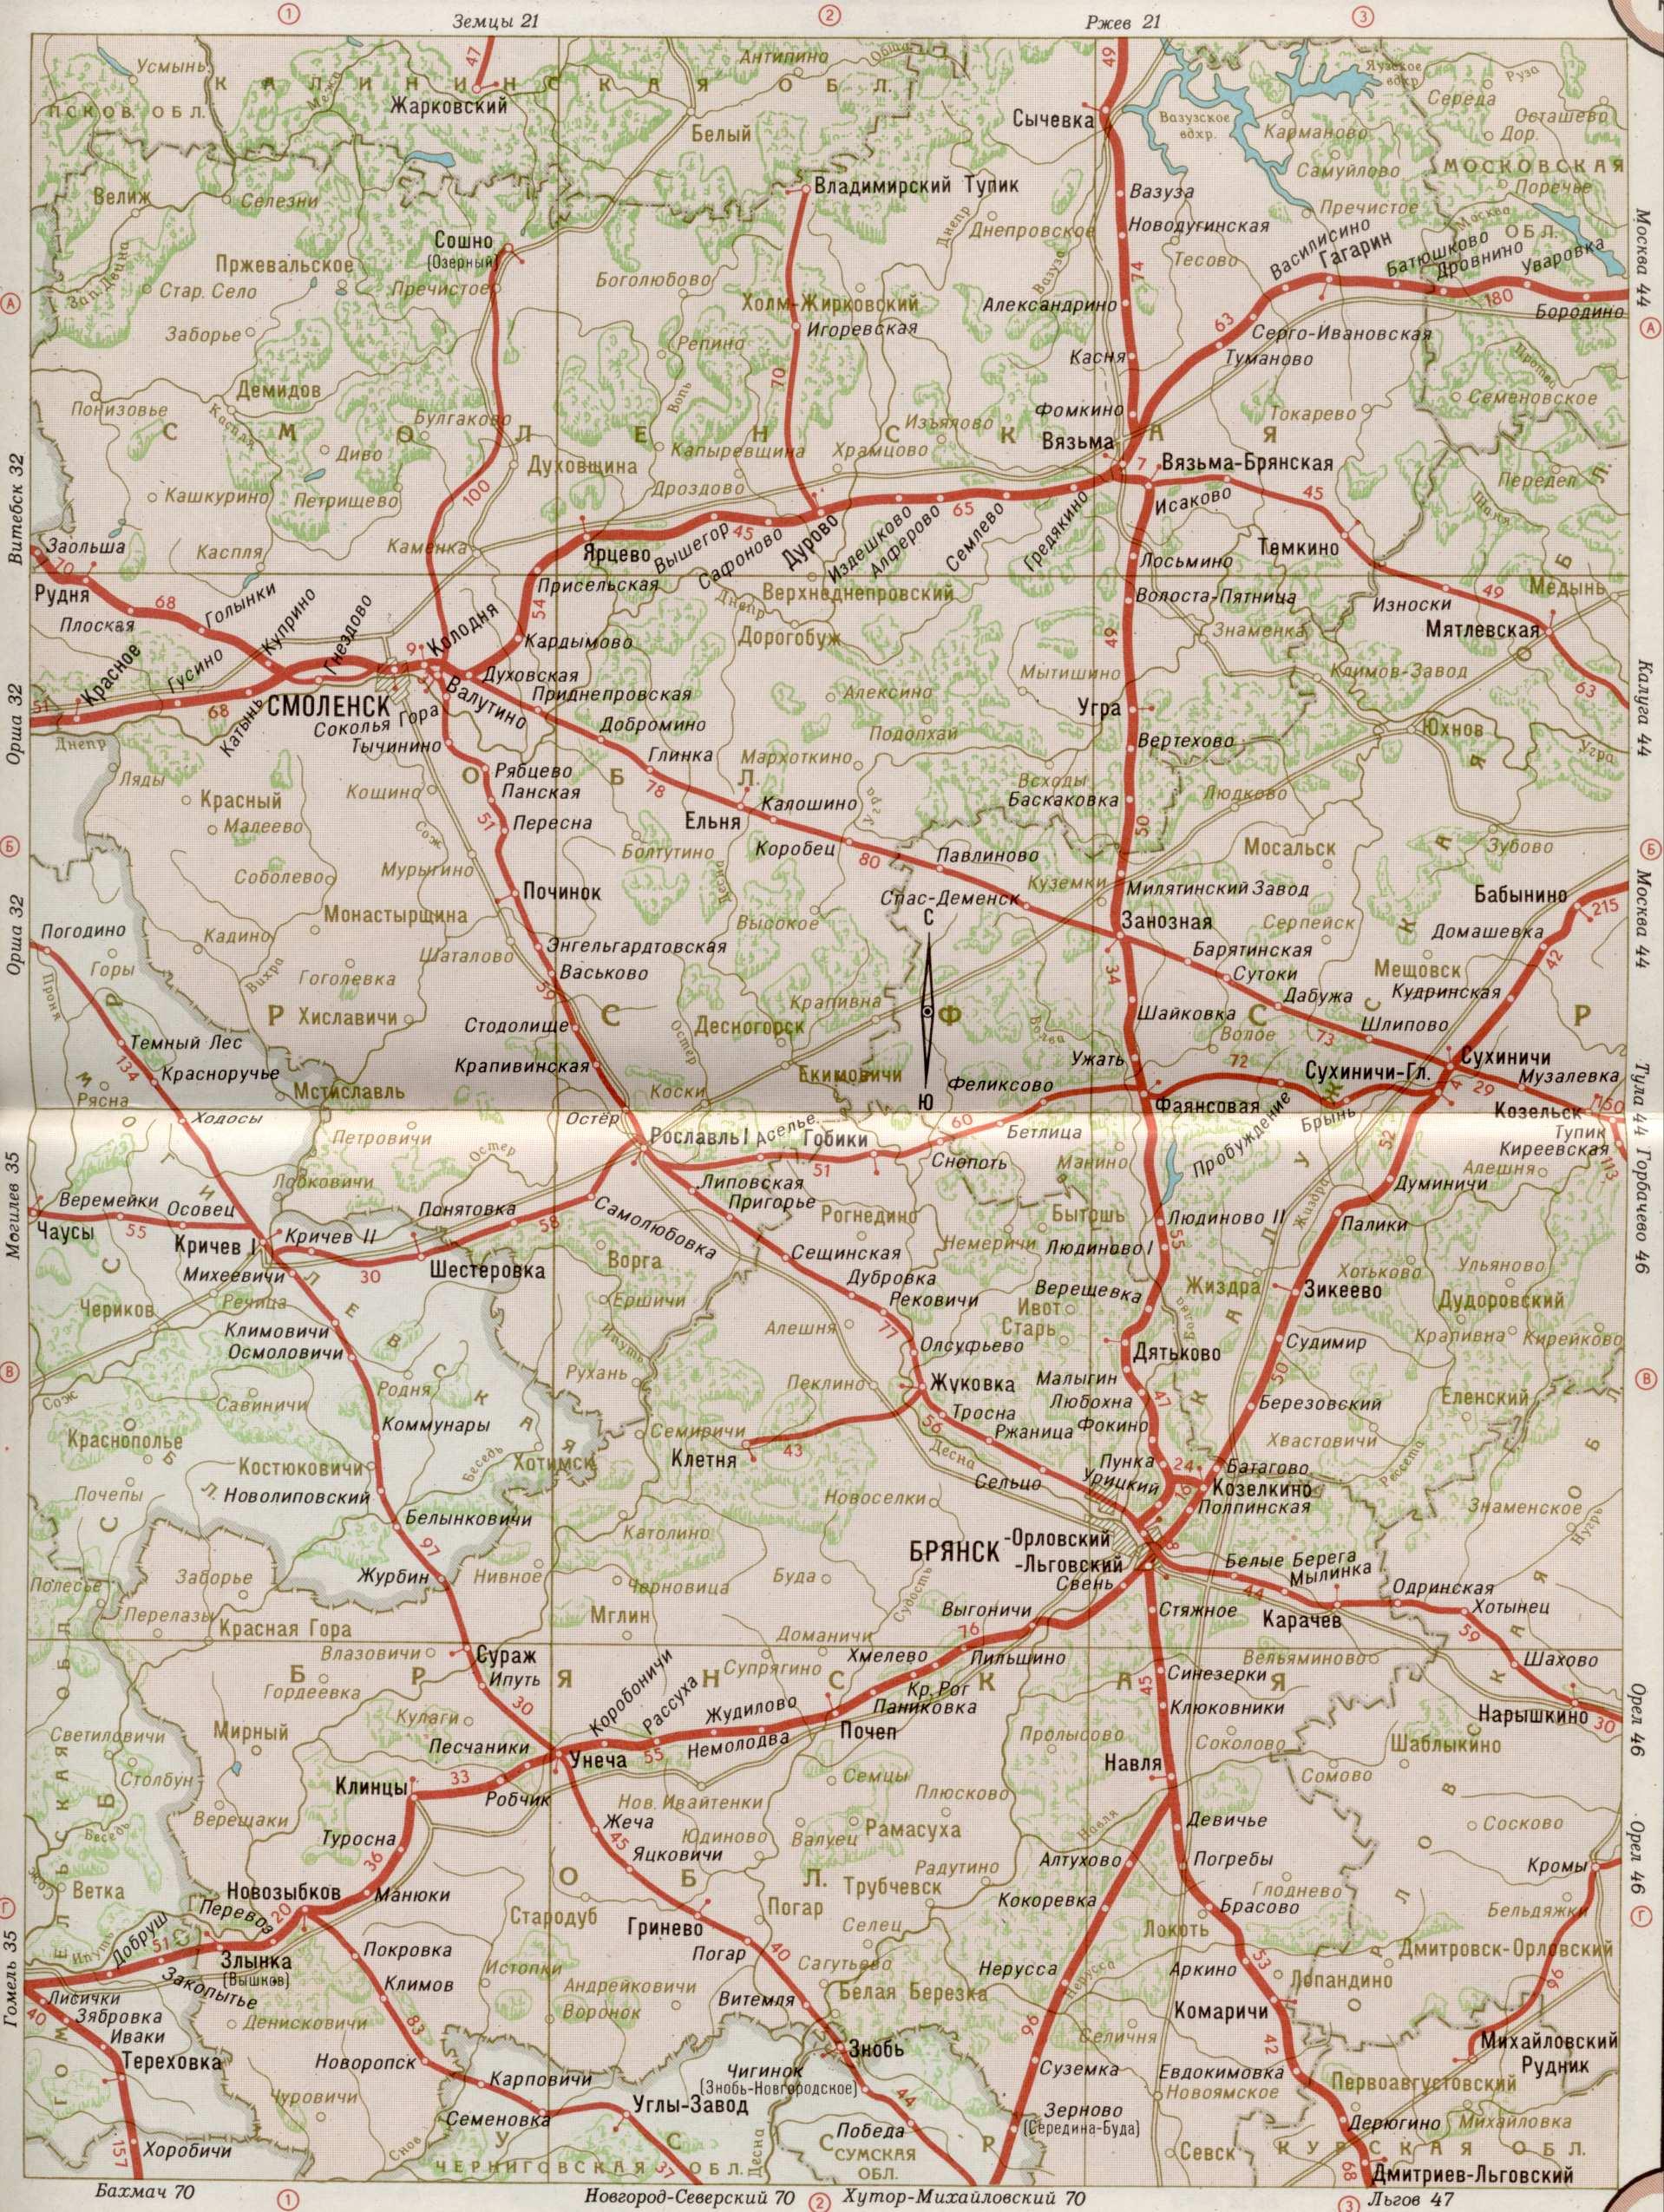 Представляем вашему вниманию карту железных дорог России, стран СНГ и Балтии.  На карте показаны все известные автору...